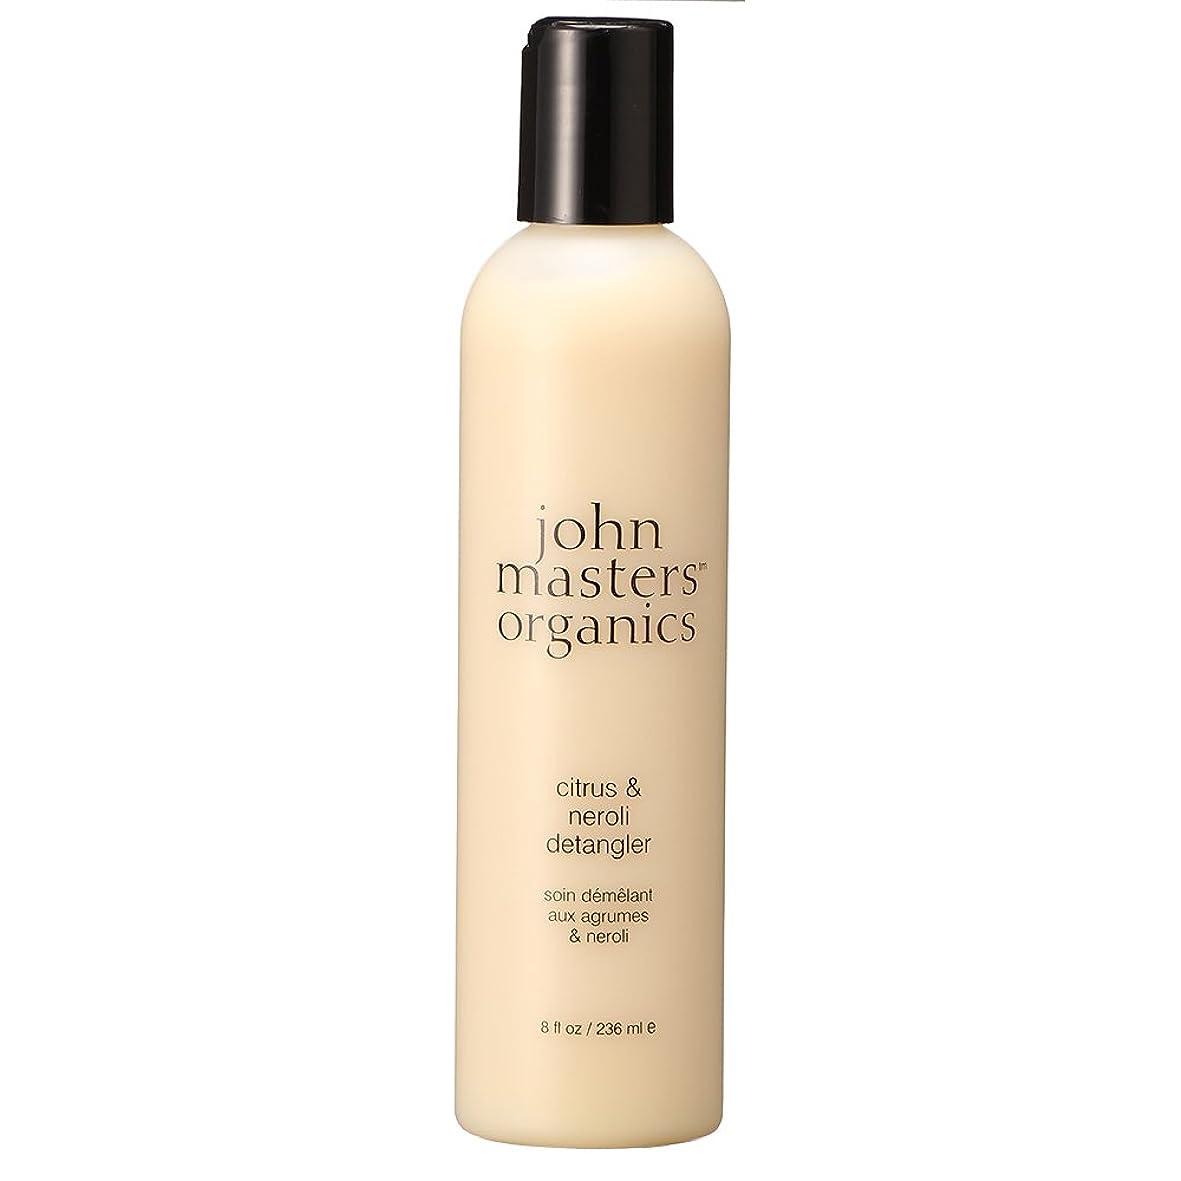 チームフルーティー意気揚々JohnMastersOrganics(John Masters Organics ジョンマスター)オーガニック シトラス&ネロリ デタングラー ヘアケア Hair Care CD 669558-500068 【コンディショナー】